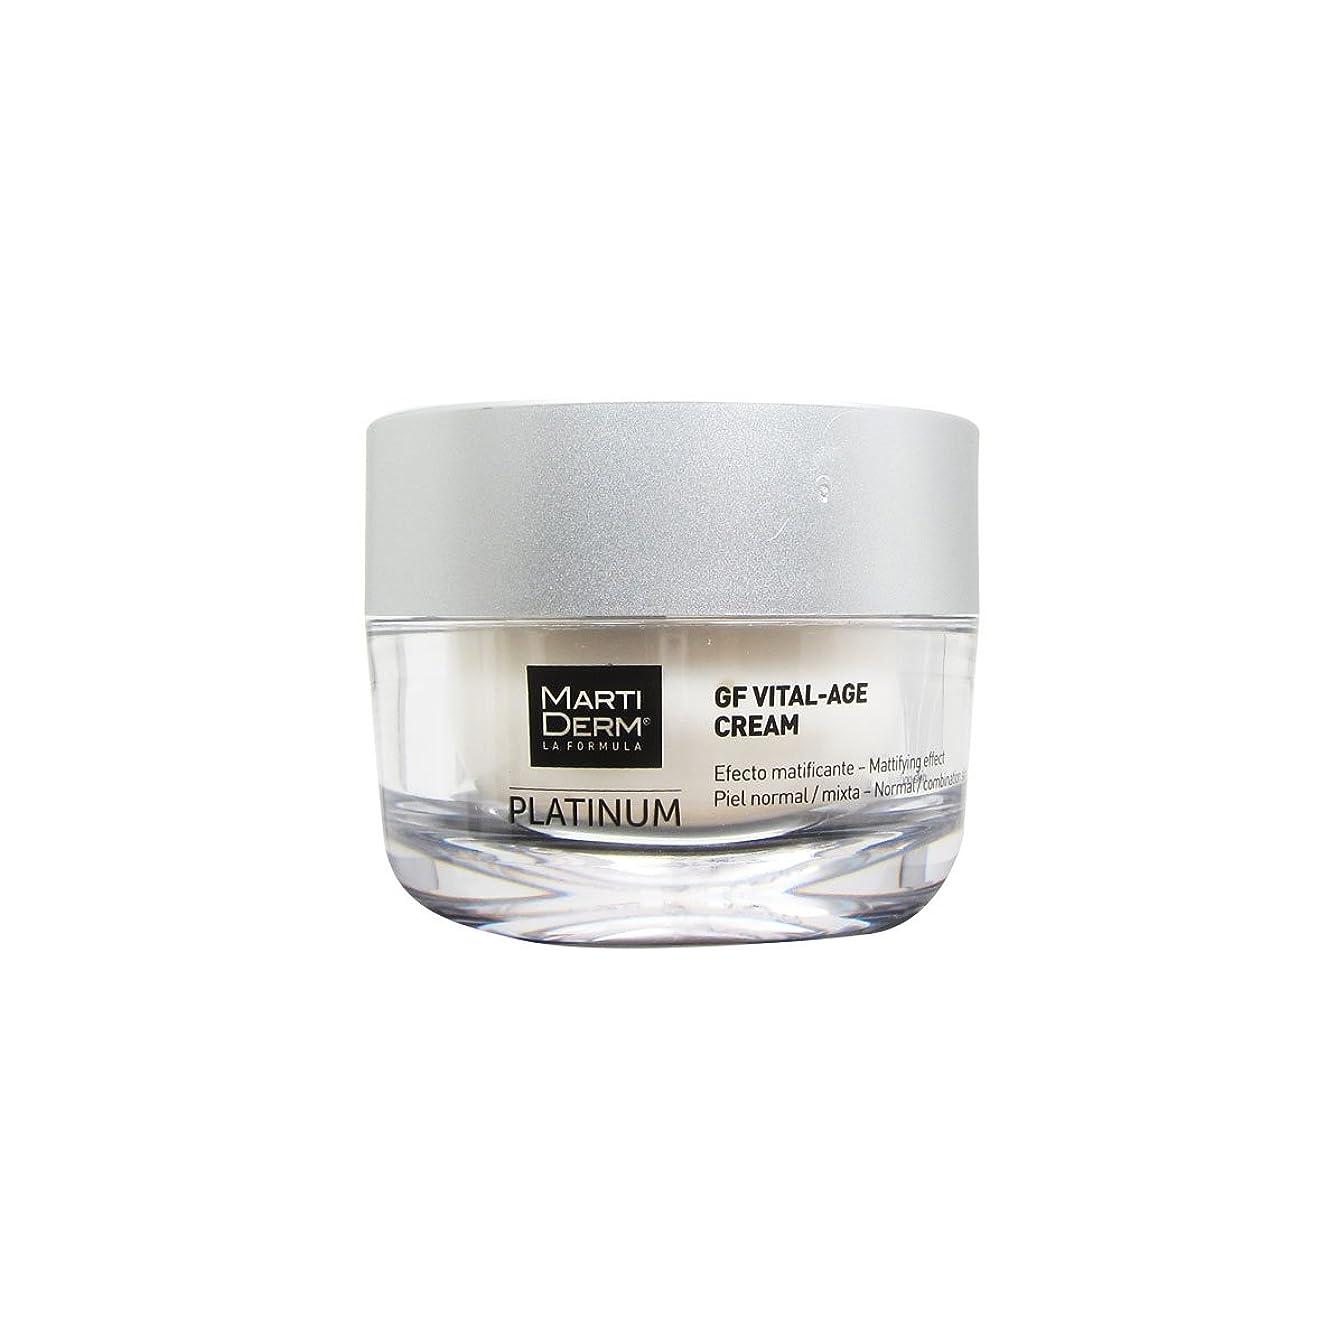 ゴミ敵意クラシカルMartiderm Platinum Gf Vital-age Normal To Combination Skin Cream 50ml [並行輸入品]